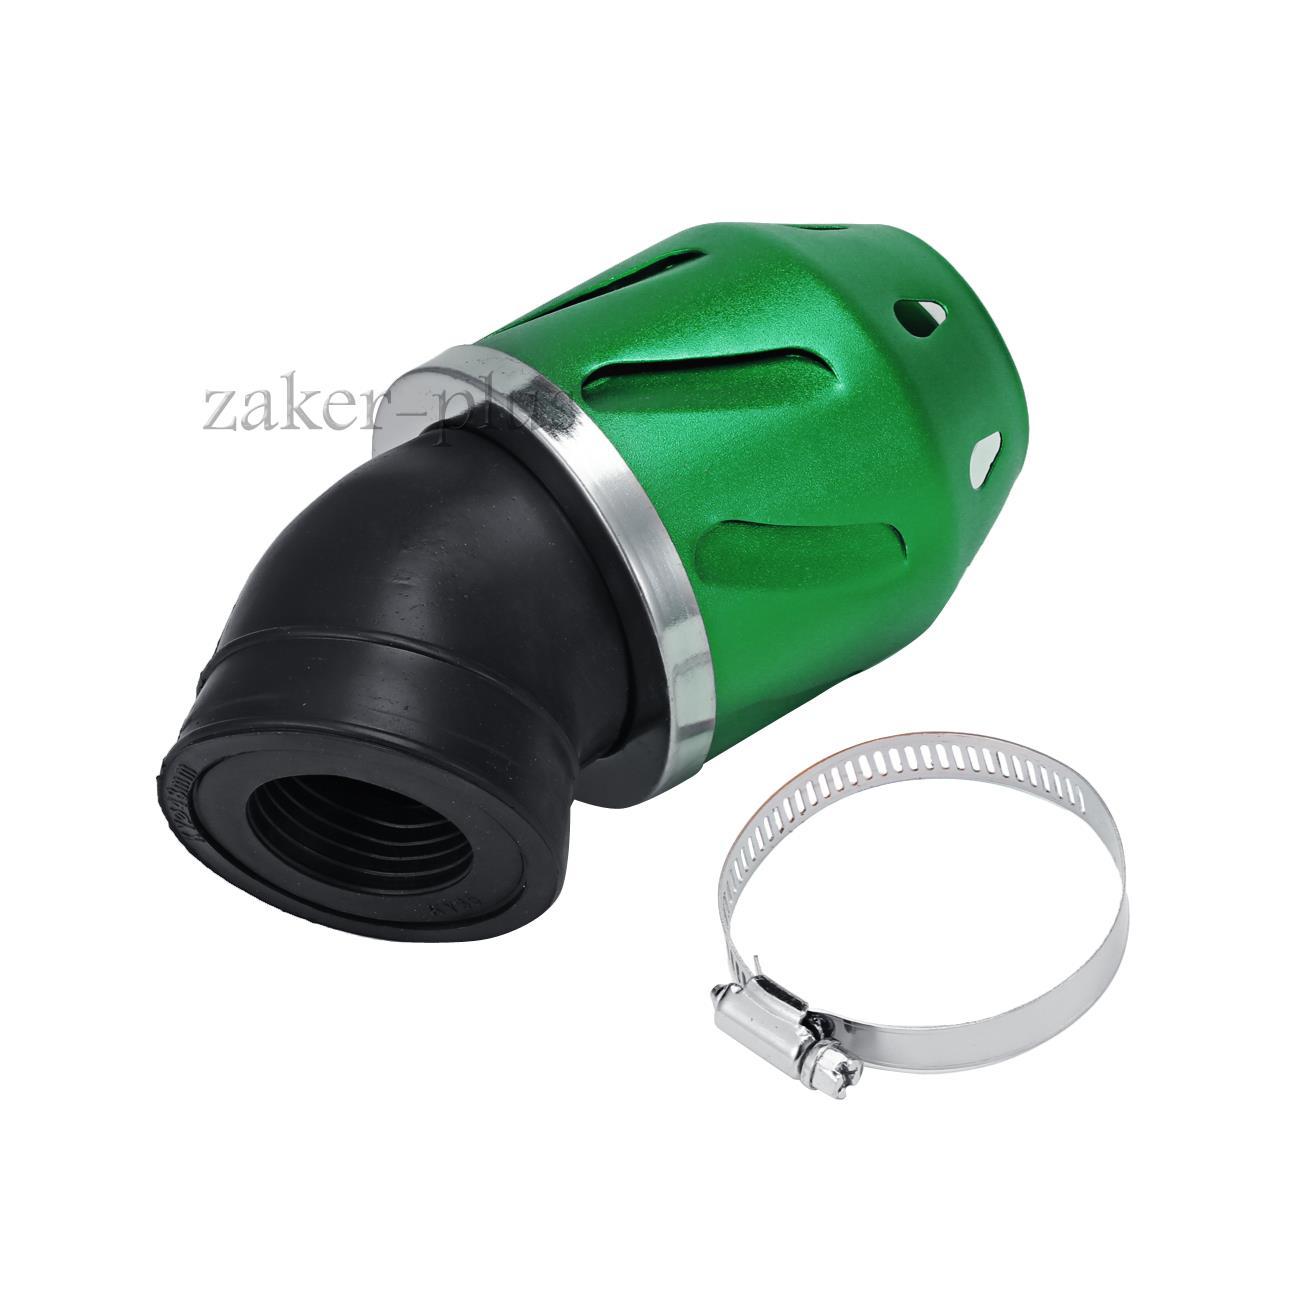 Dirt Modified Air Cleaner : Racing bullet air filter mm intake pipe cc dirt bike